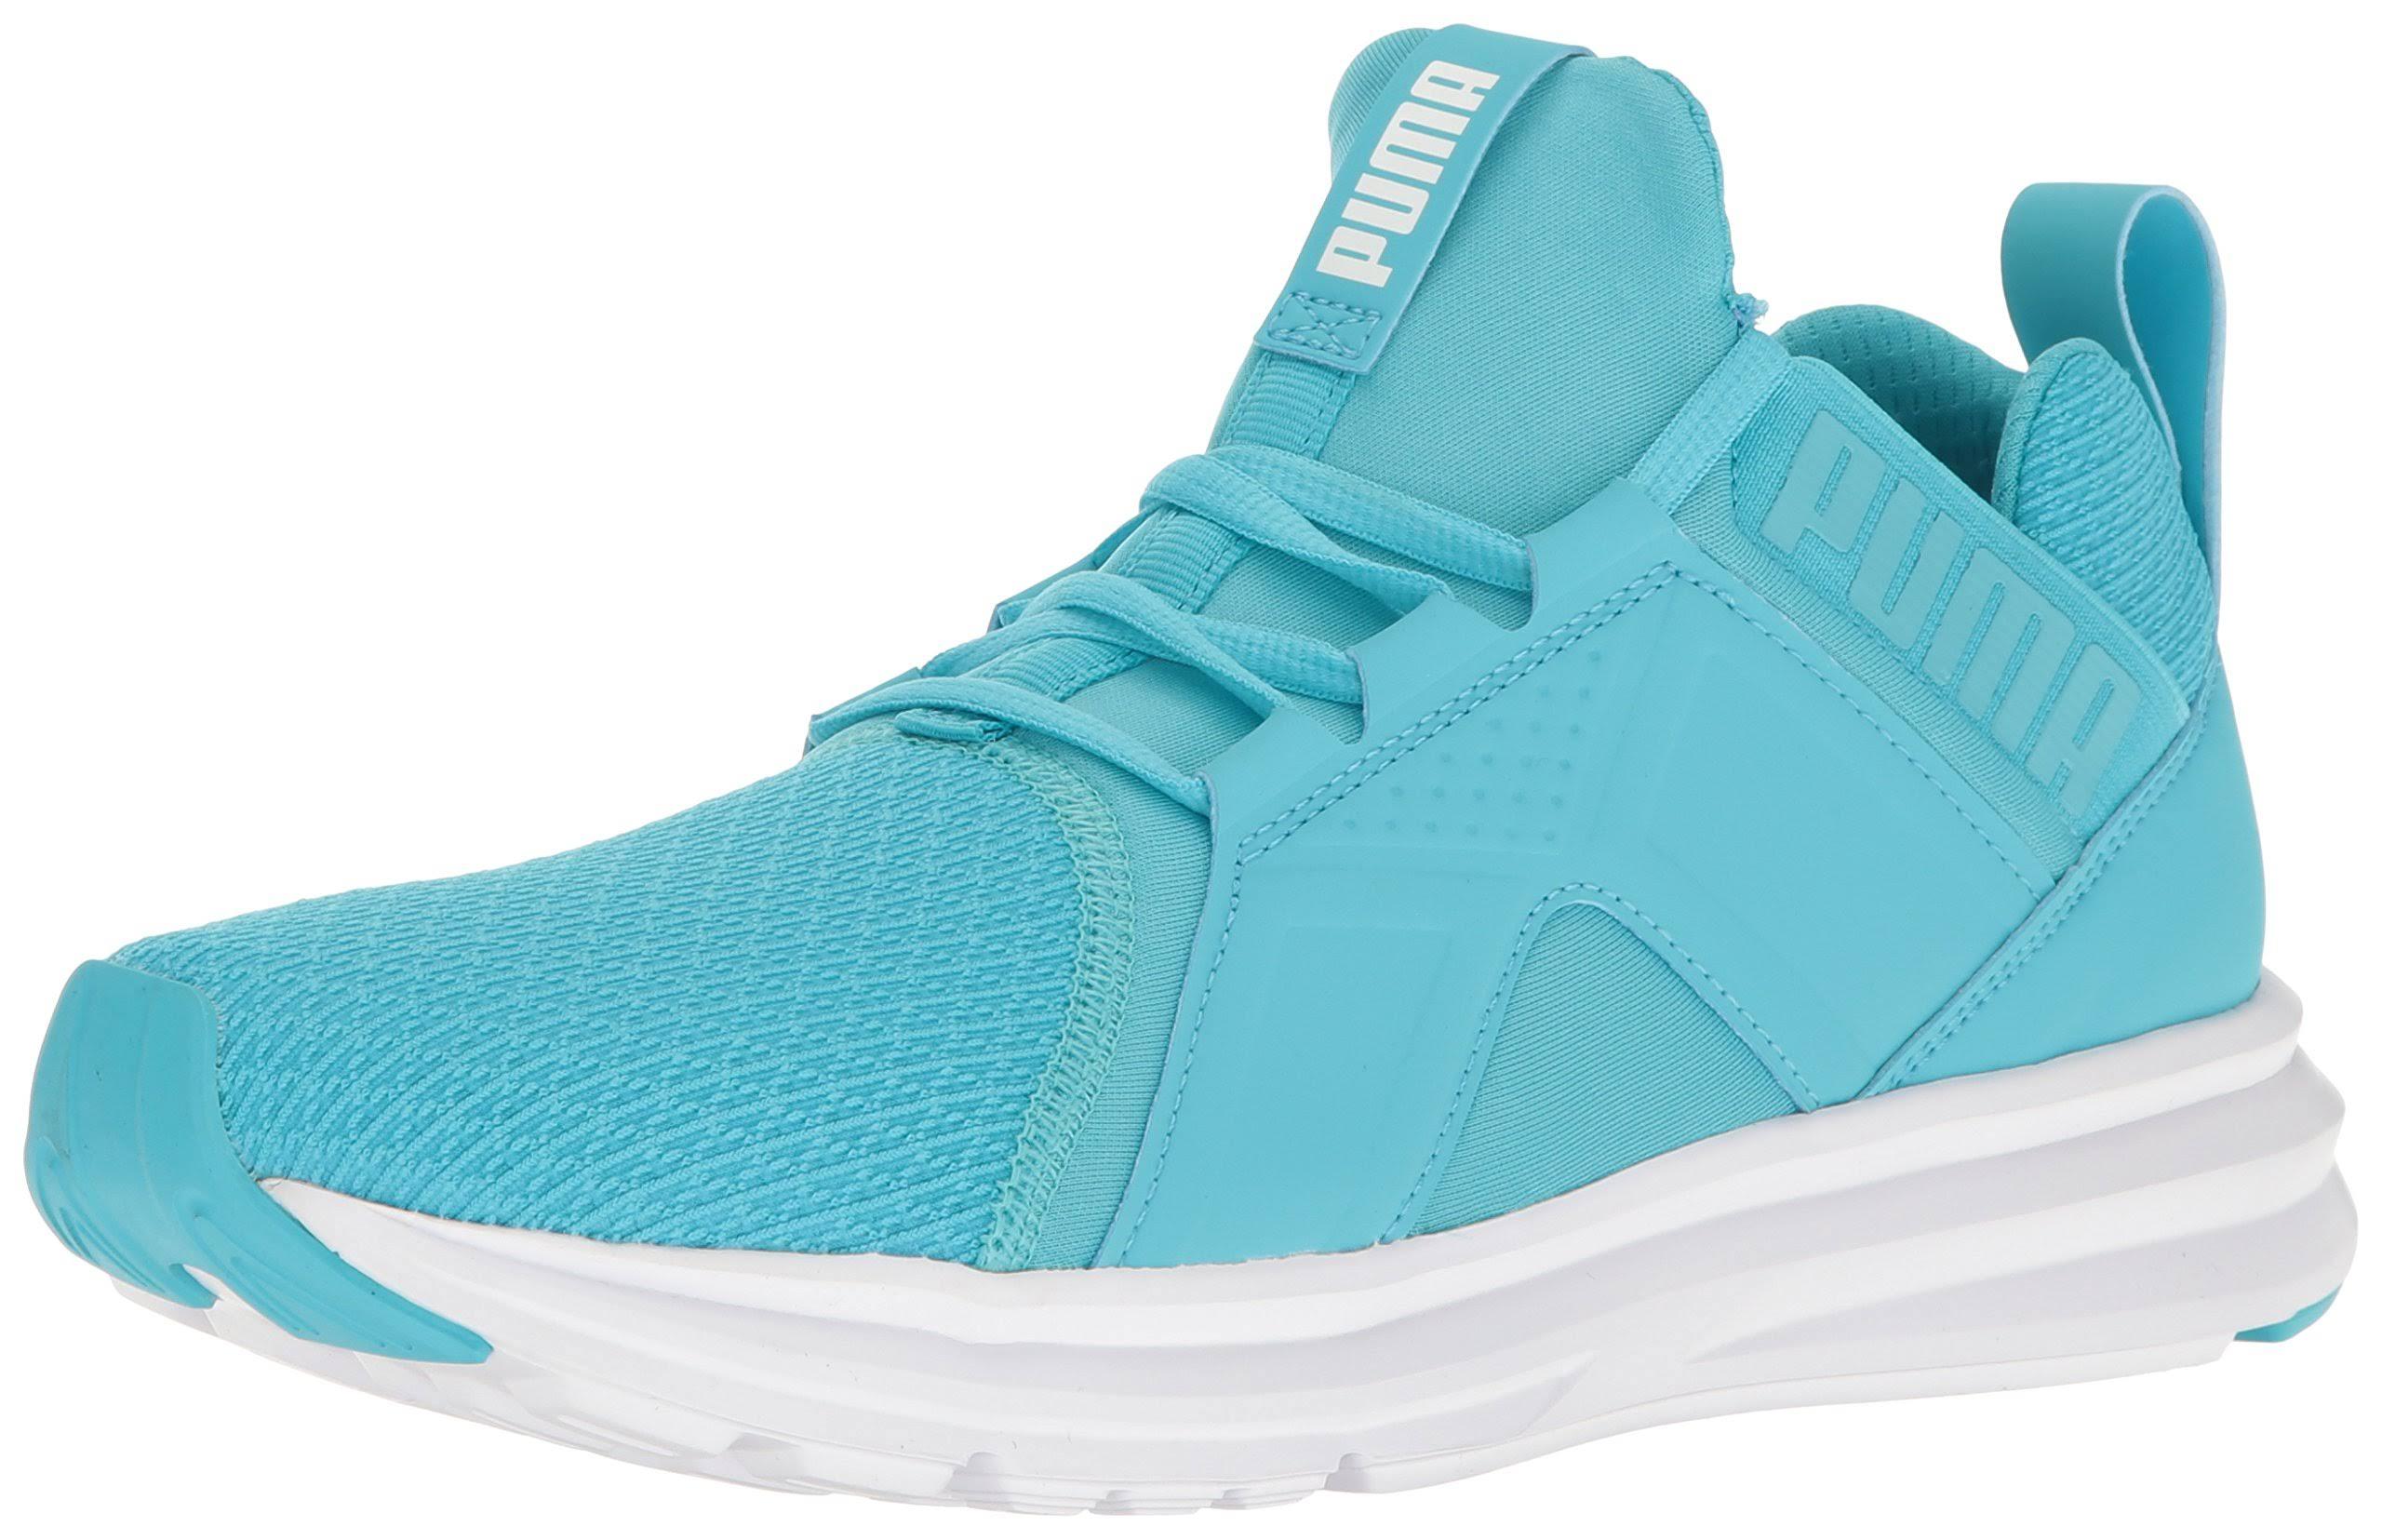 Puma 8 Entrenamiento Azul Mujer De Enzo Atolón Para Zapatos fqUZzU